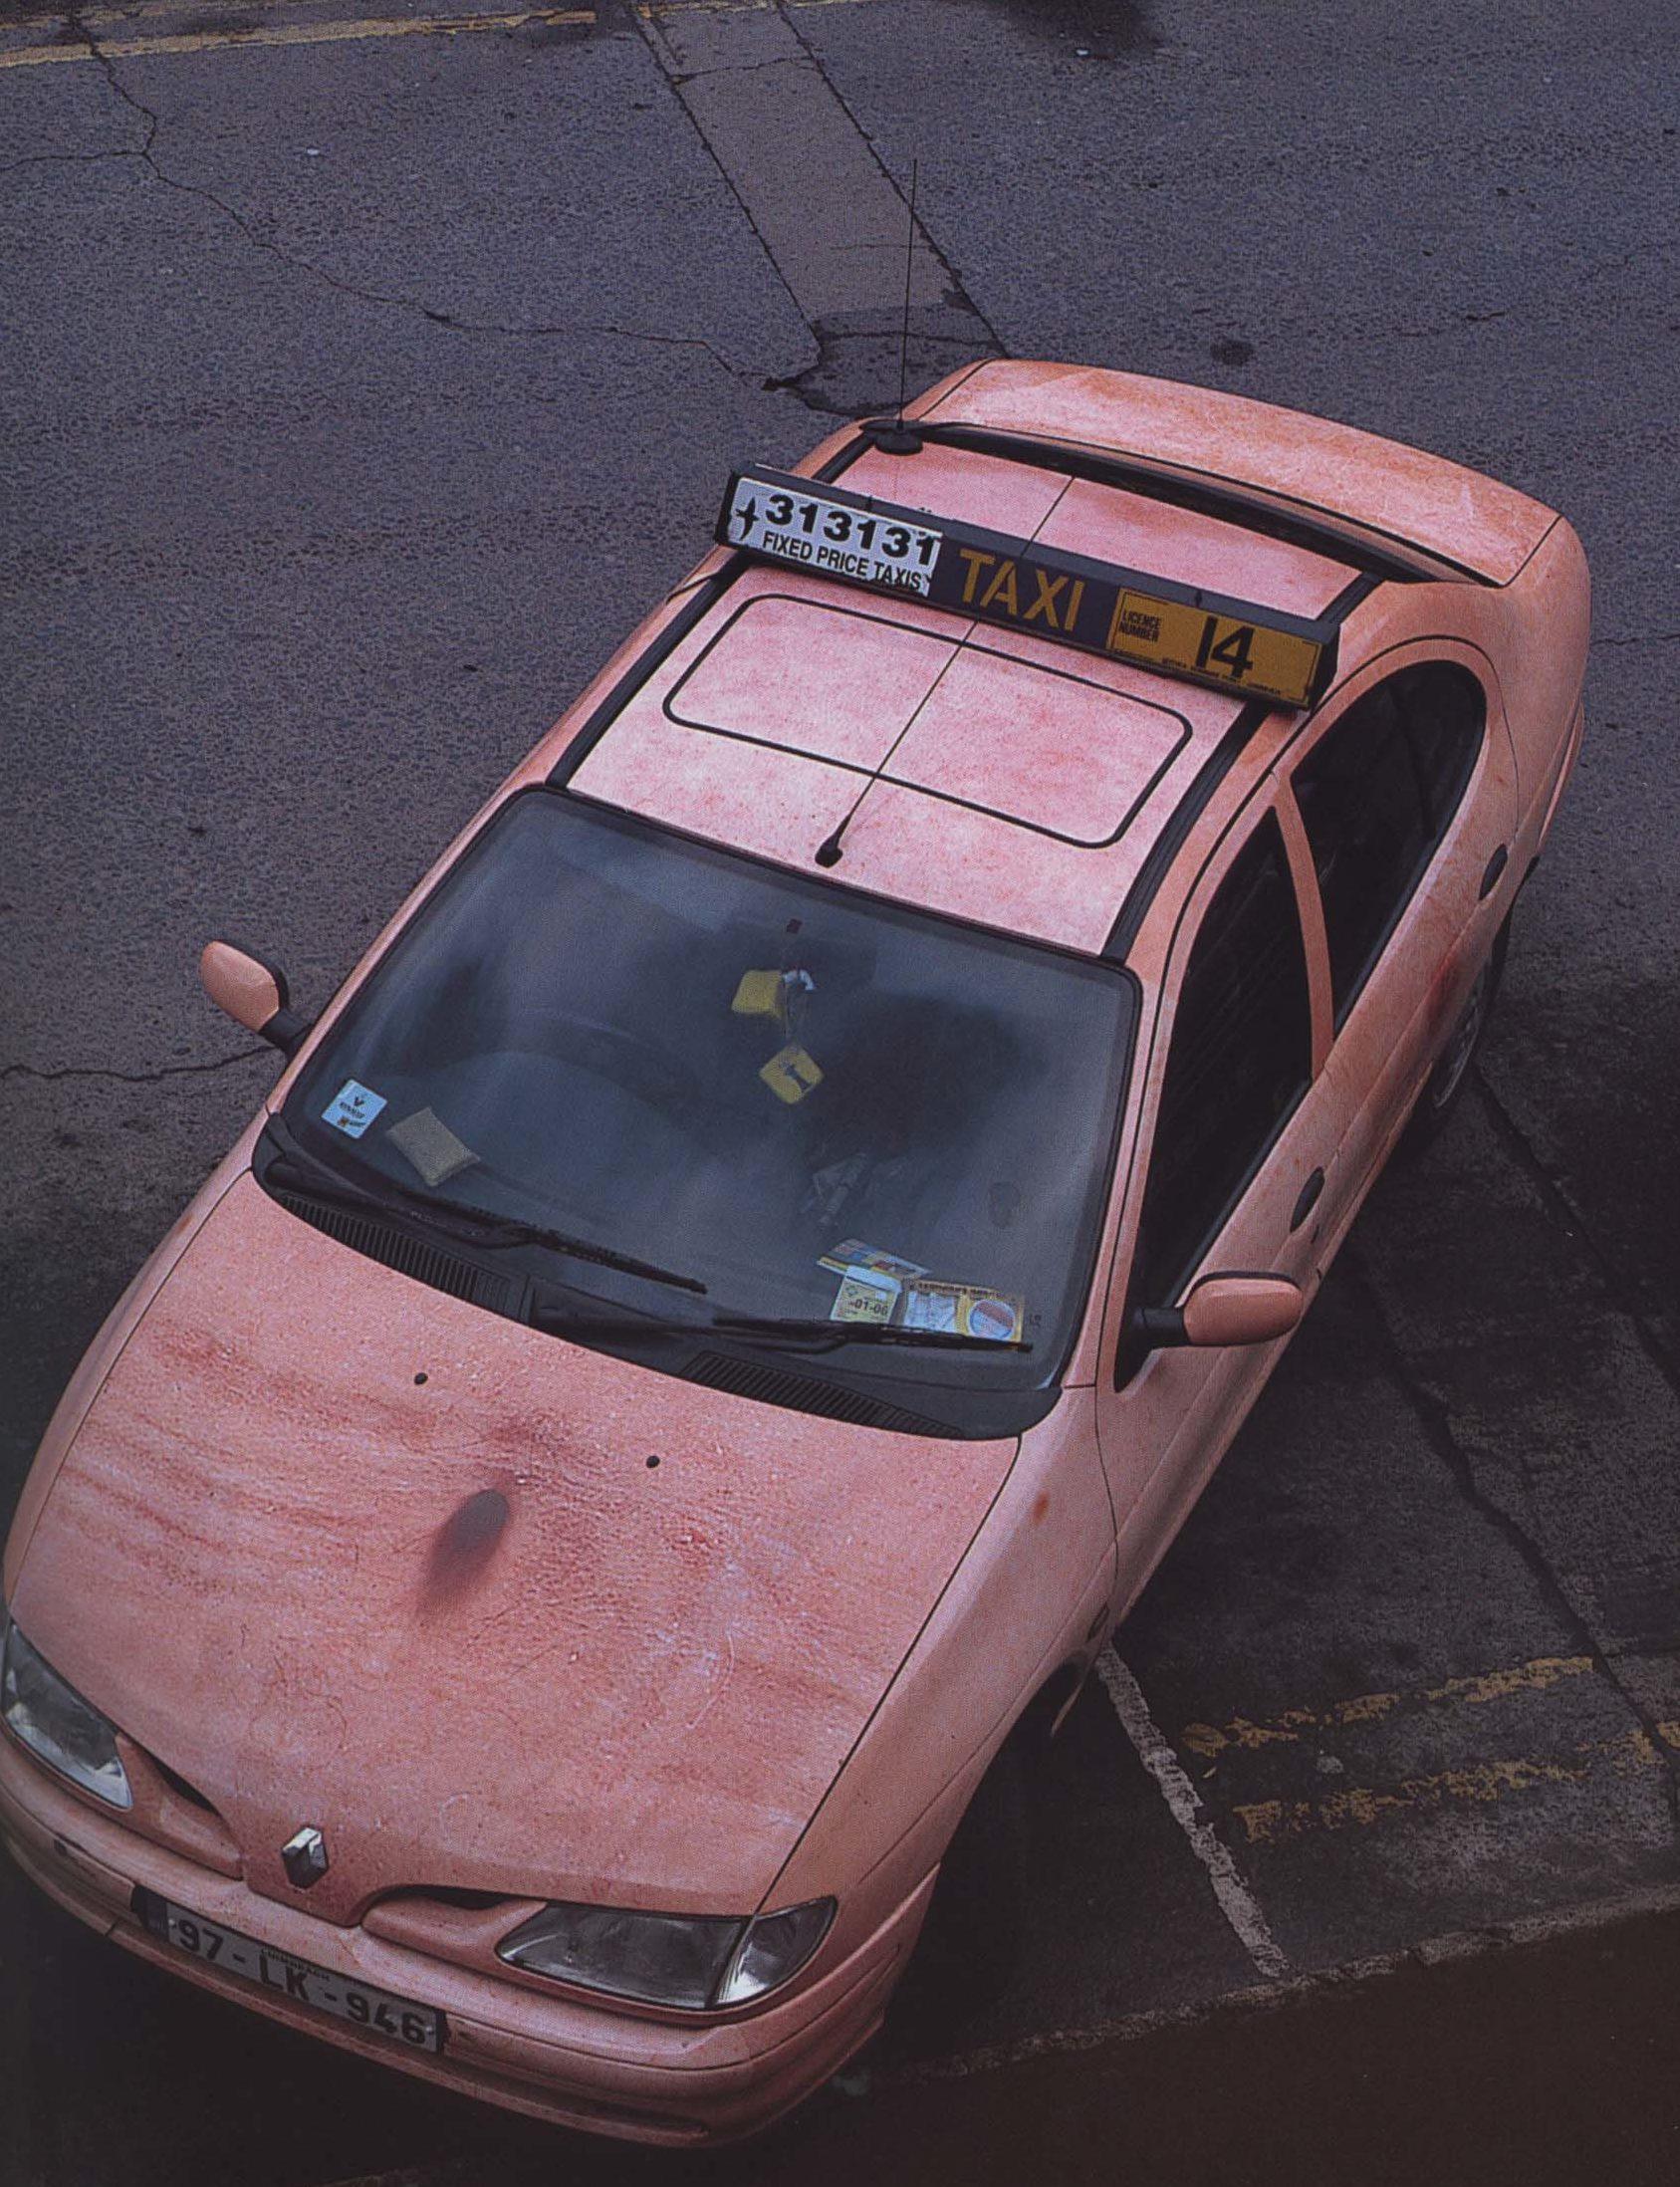 Patrick Killoran, Autobody 09 (Willie O'Brien), 2000 - 2005, roving city-centre taxi